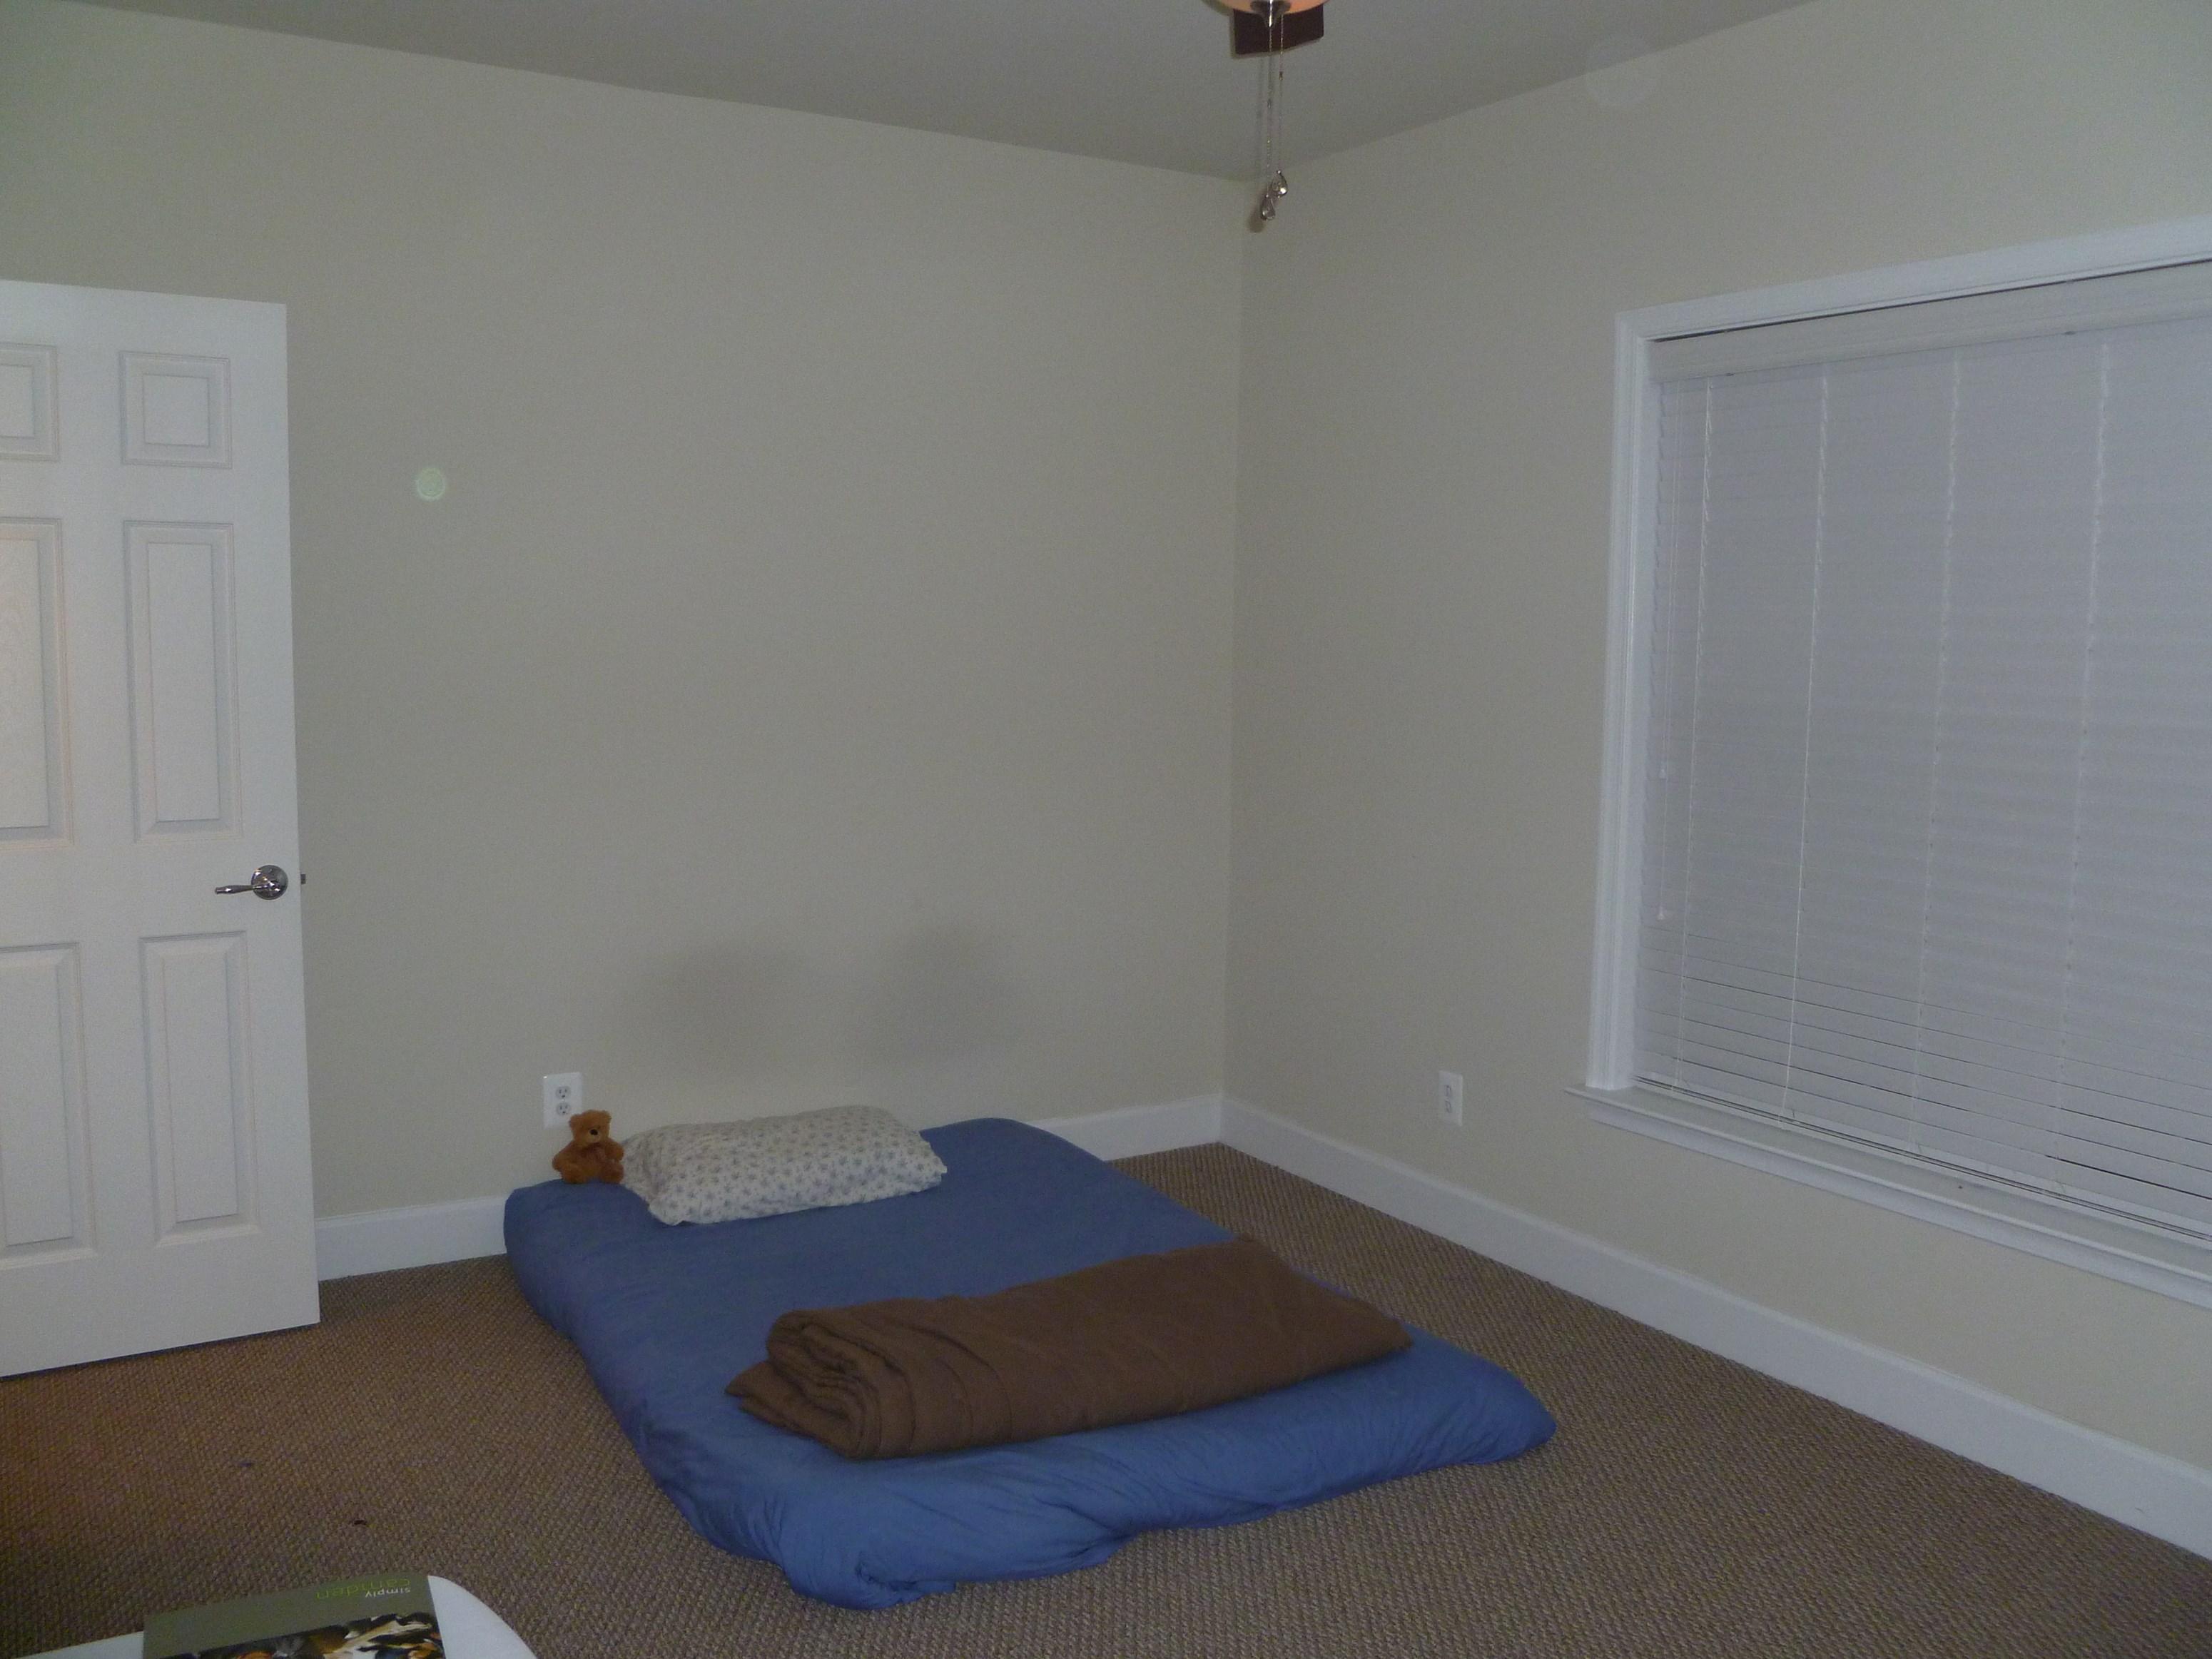 sf basement for rent in ashburn va for 1200 2 bhk basement